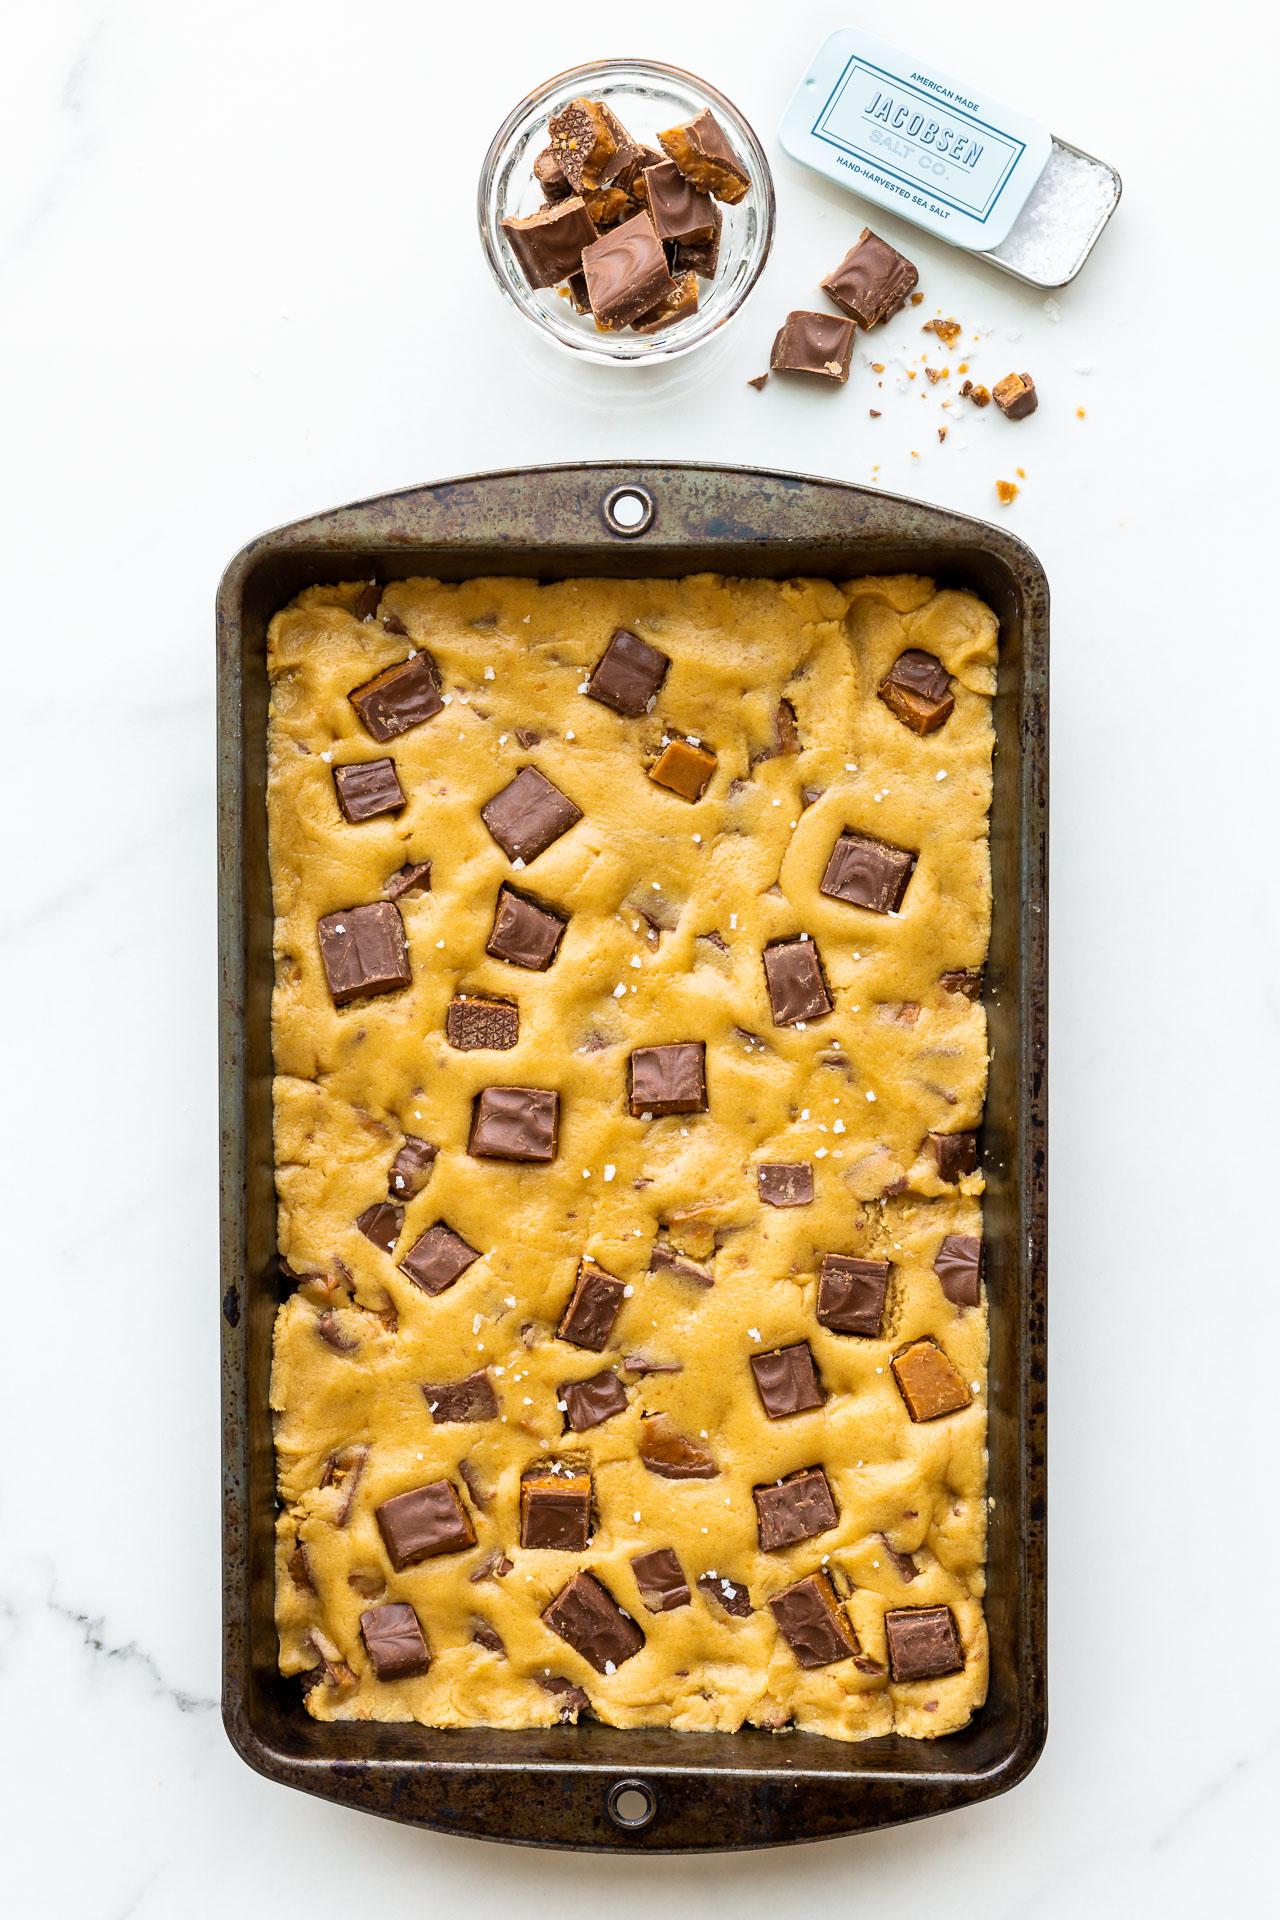 Skor blondies before baking in a 7x11 inch pan